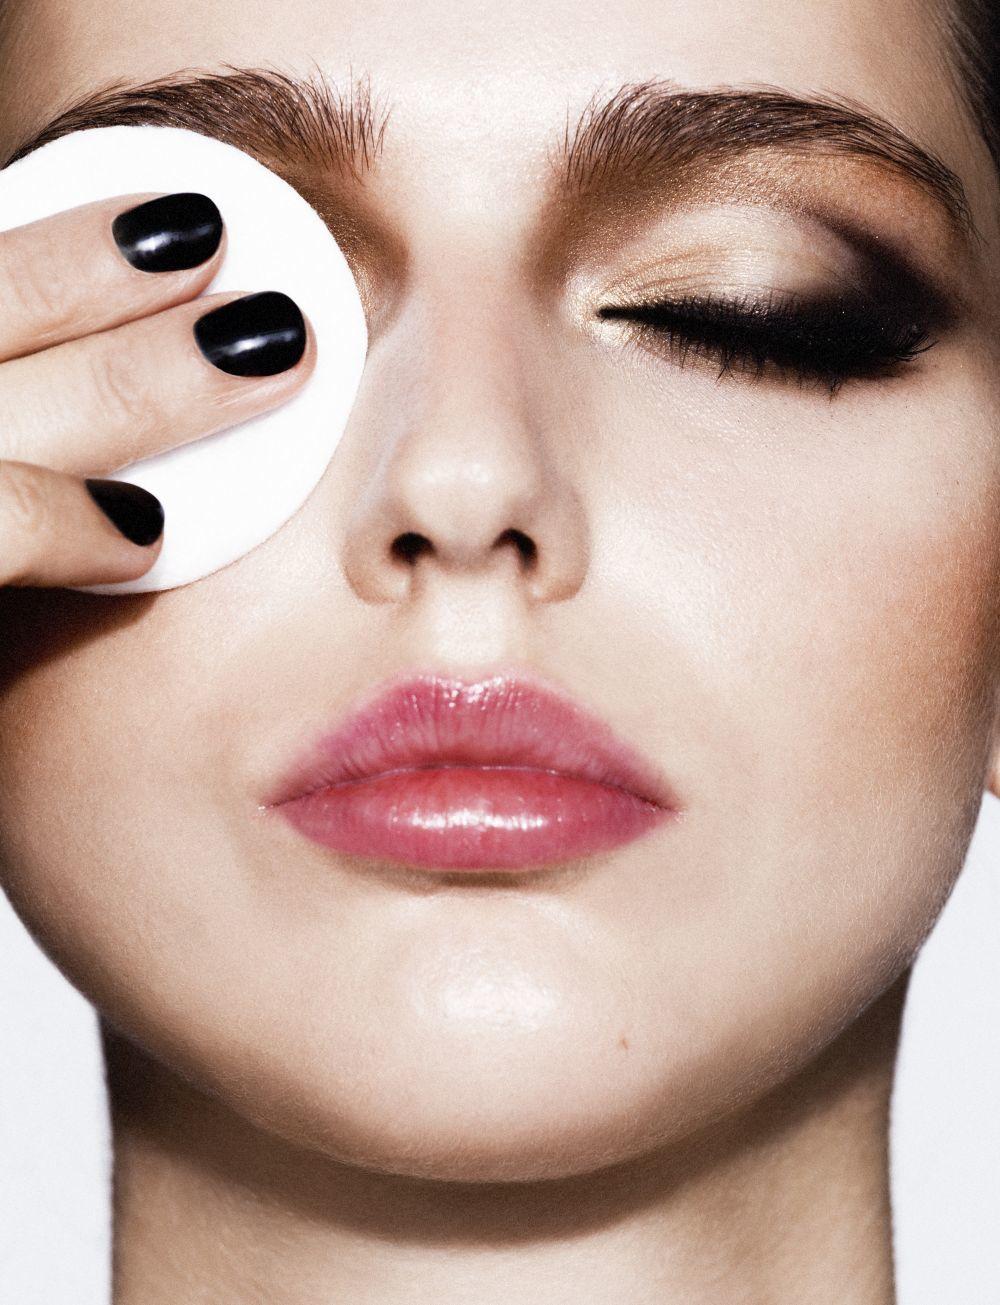 Hay tónicos suaves con ingredientes respetuosos incluso para las pieles más sensibles.